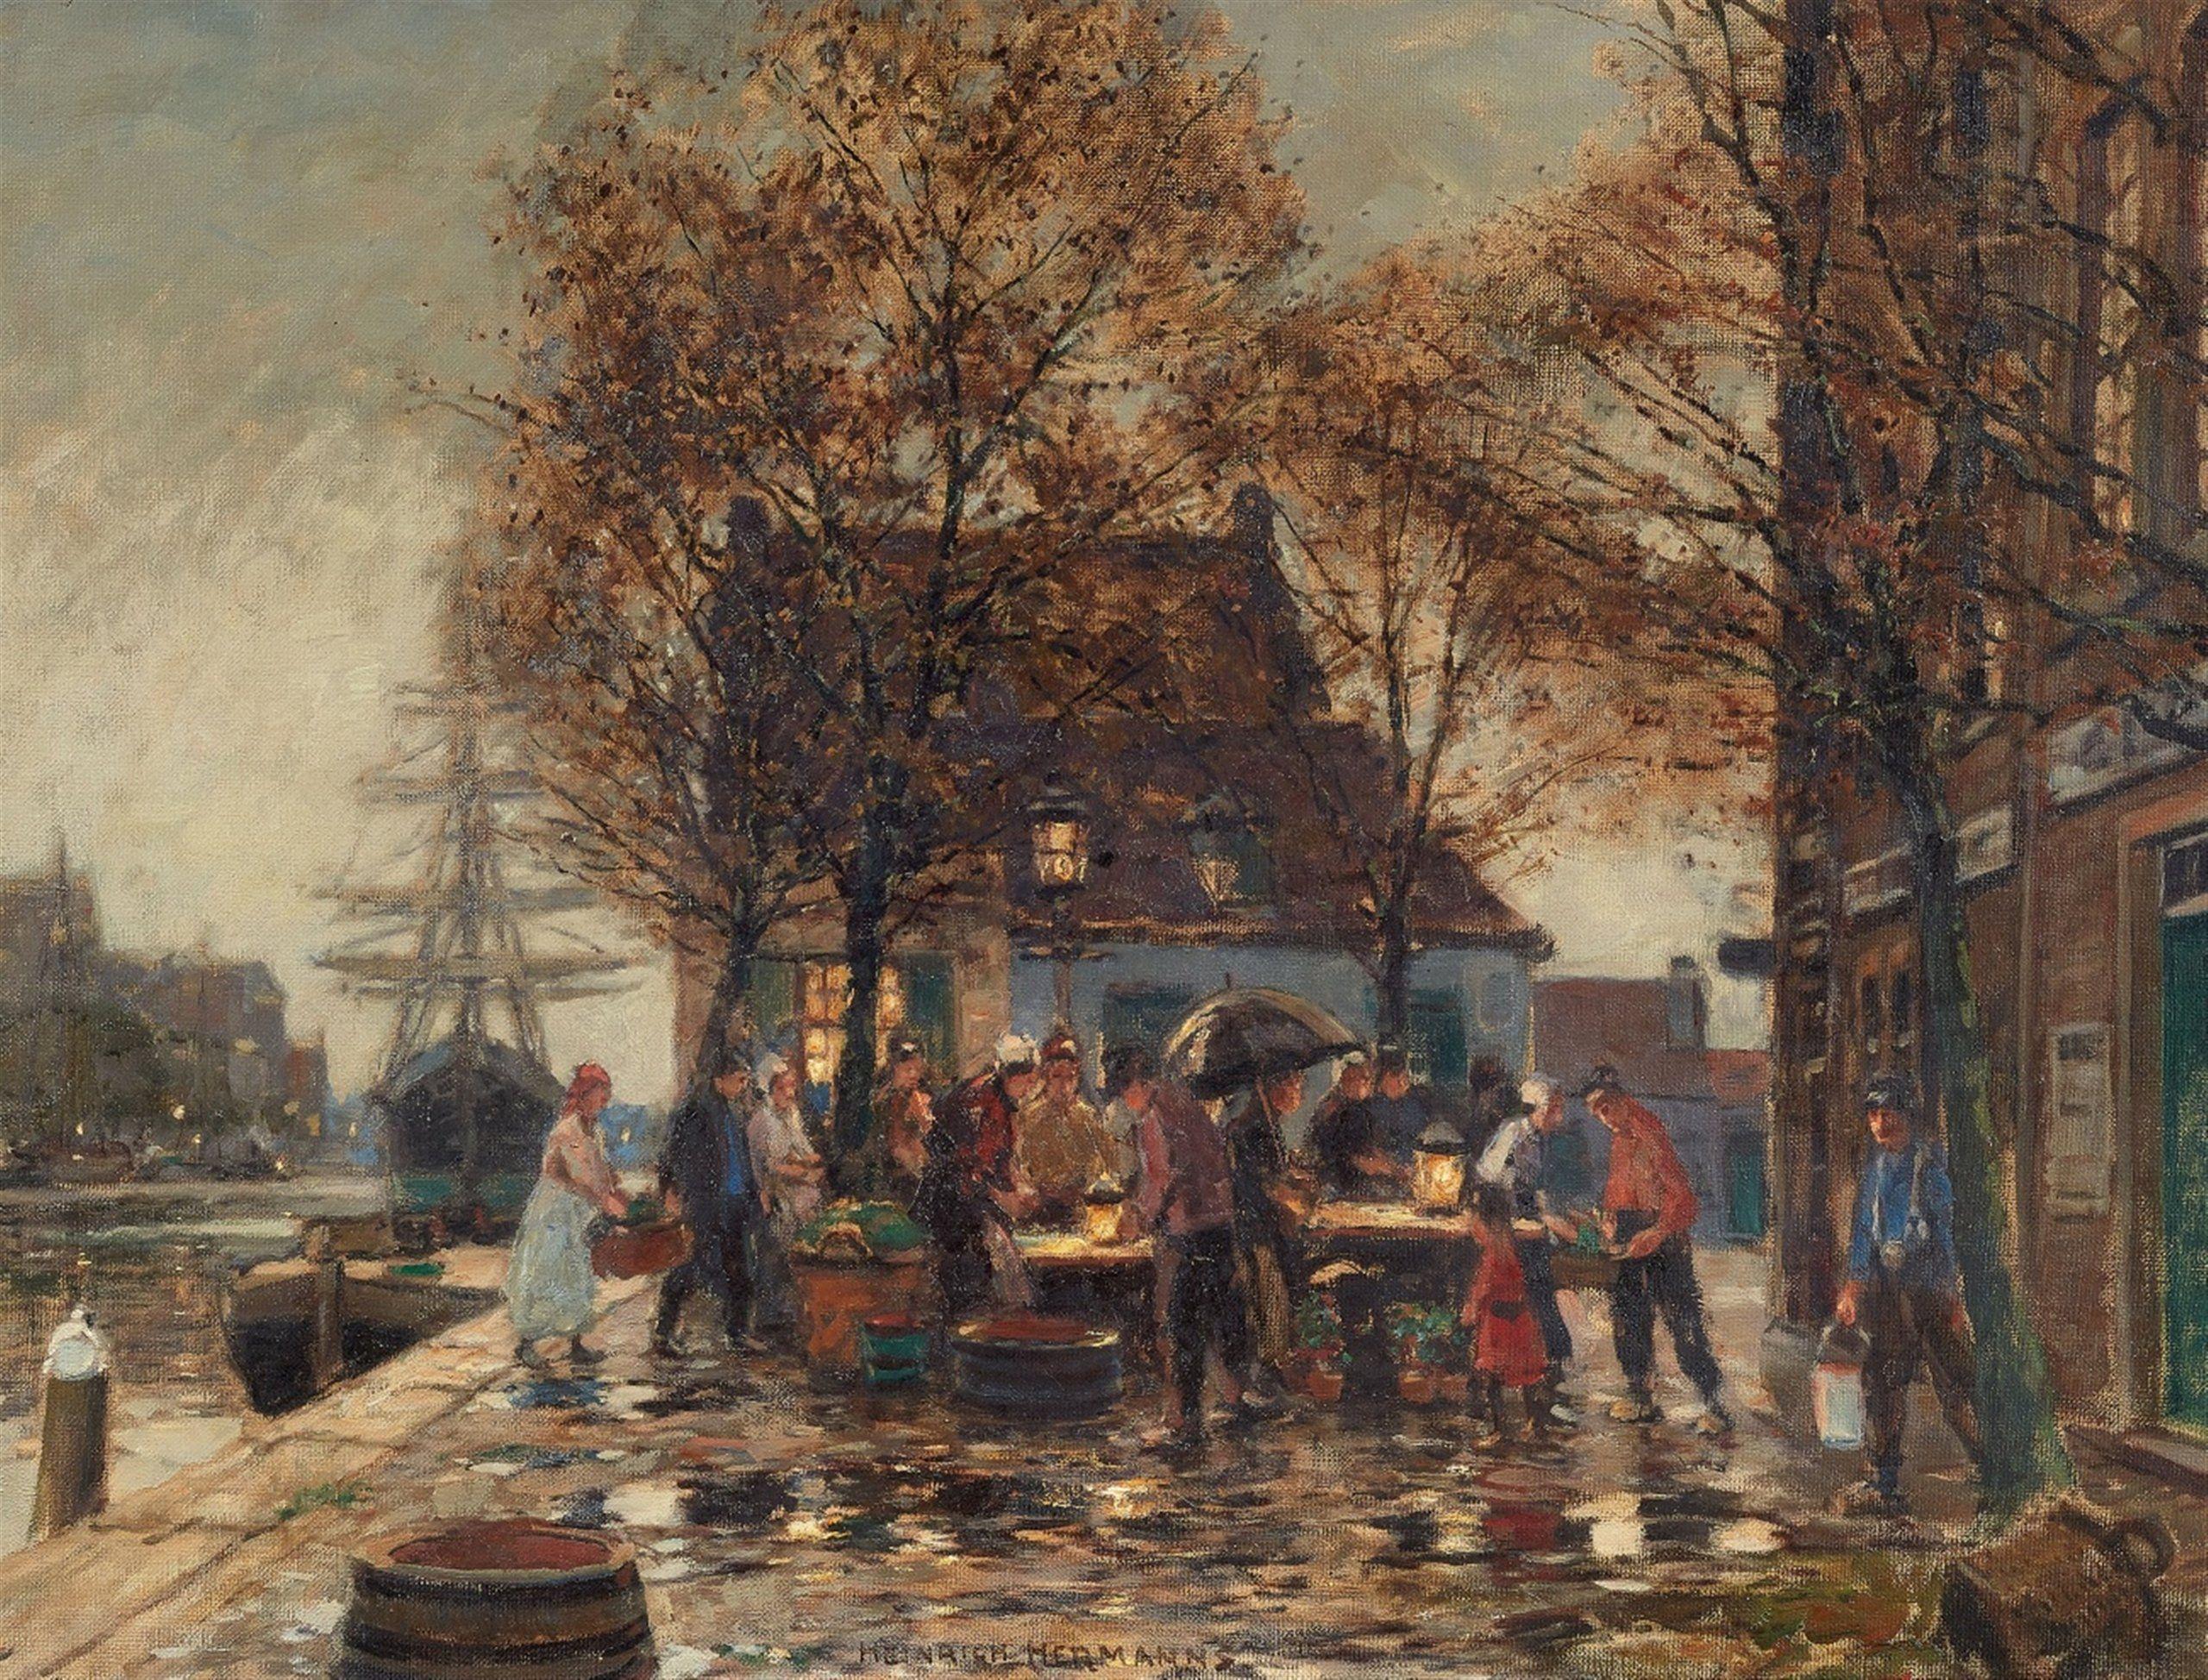 Heinrich Hermanns Am Marktstand Auktion 1074 Gemälde 15 19 Jh Lot 155 Gemälde Bilder Auktion